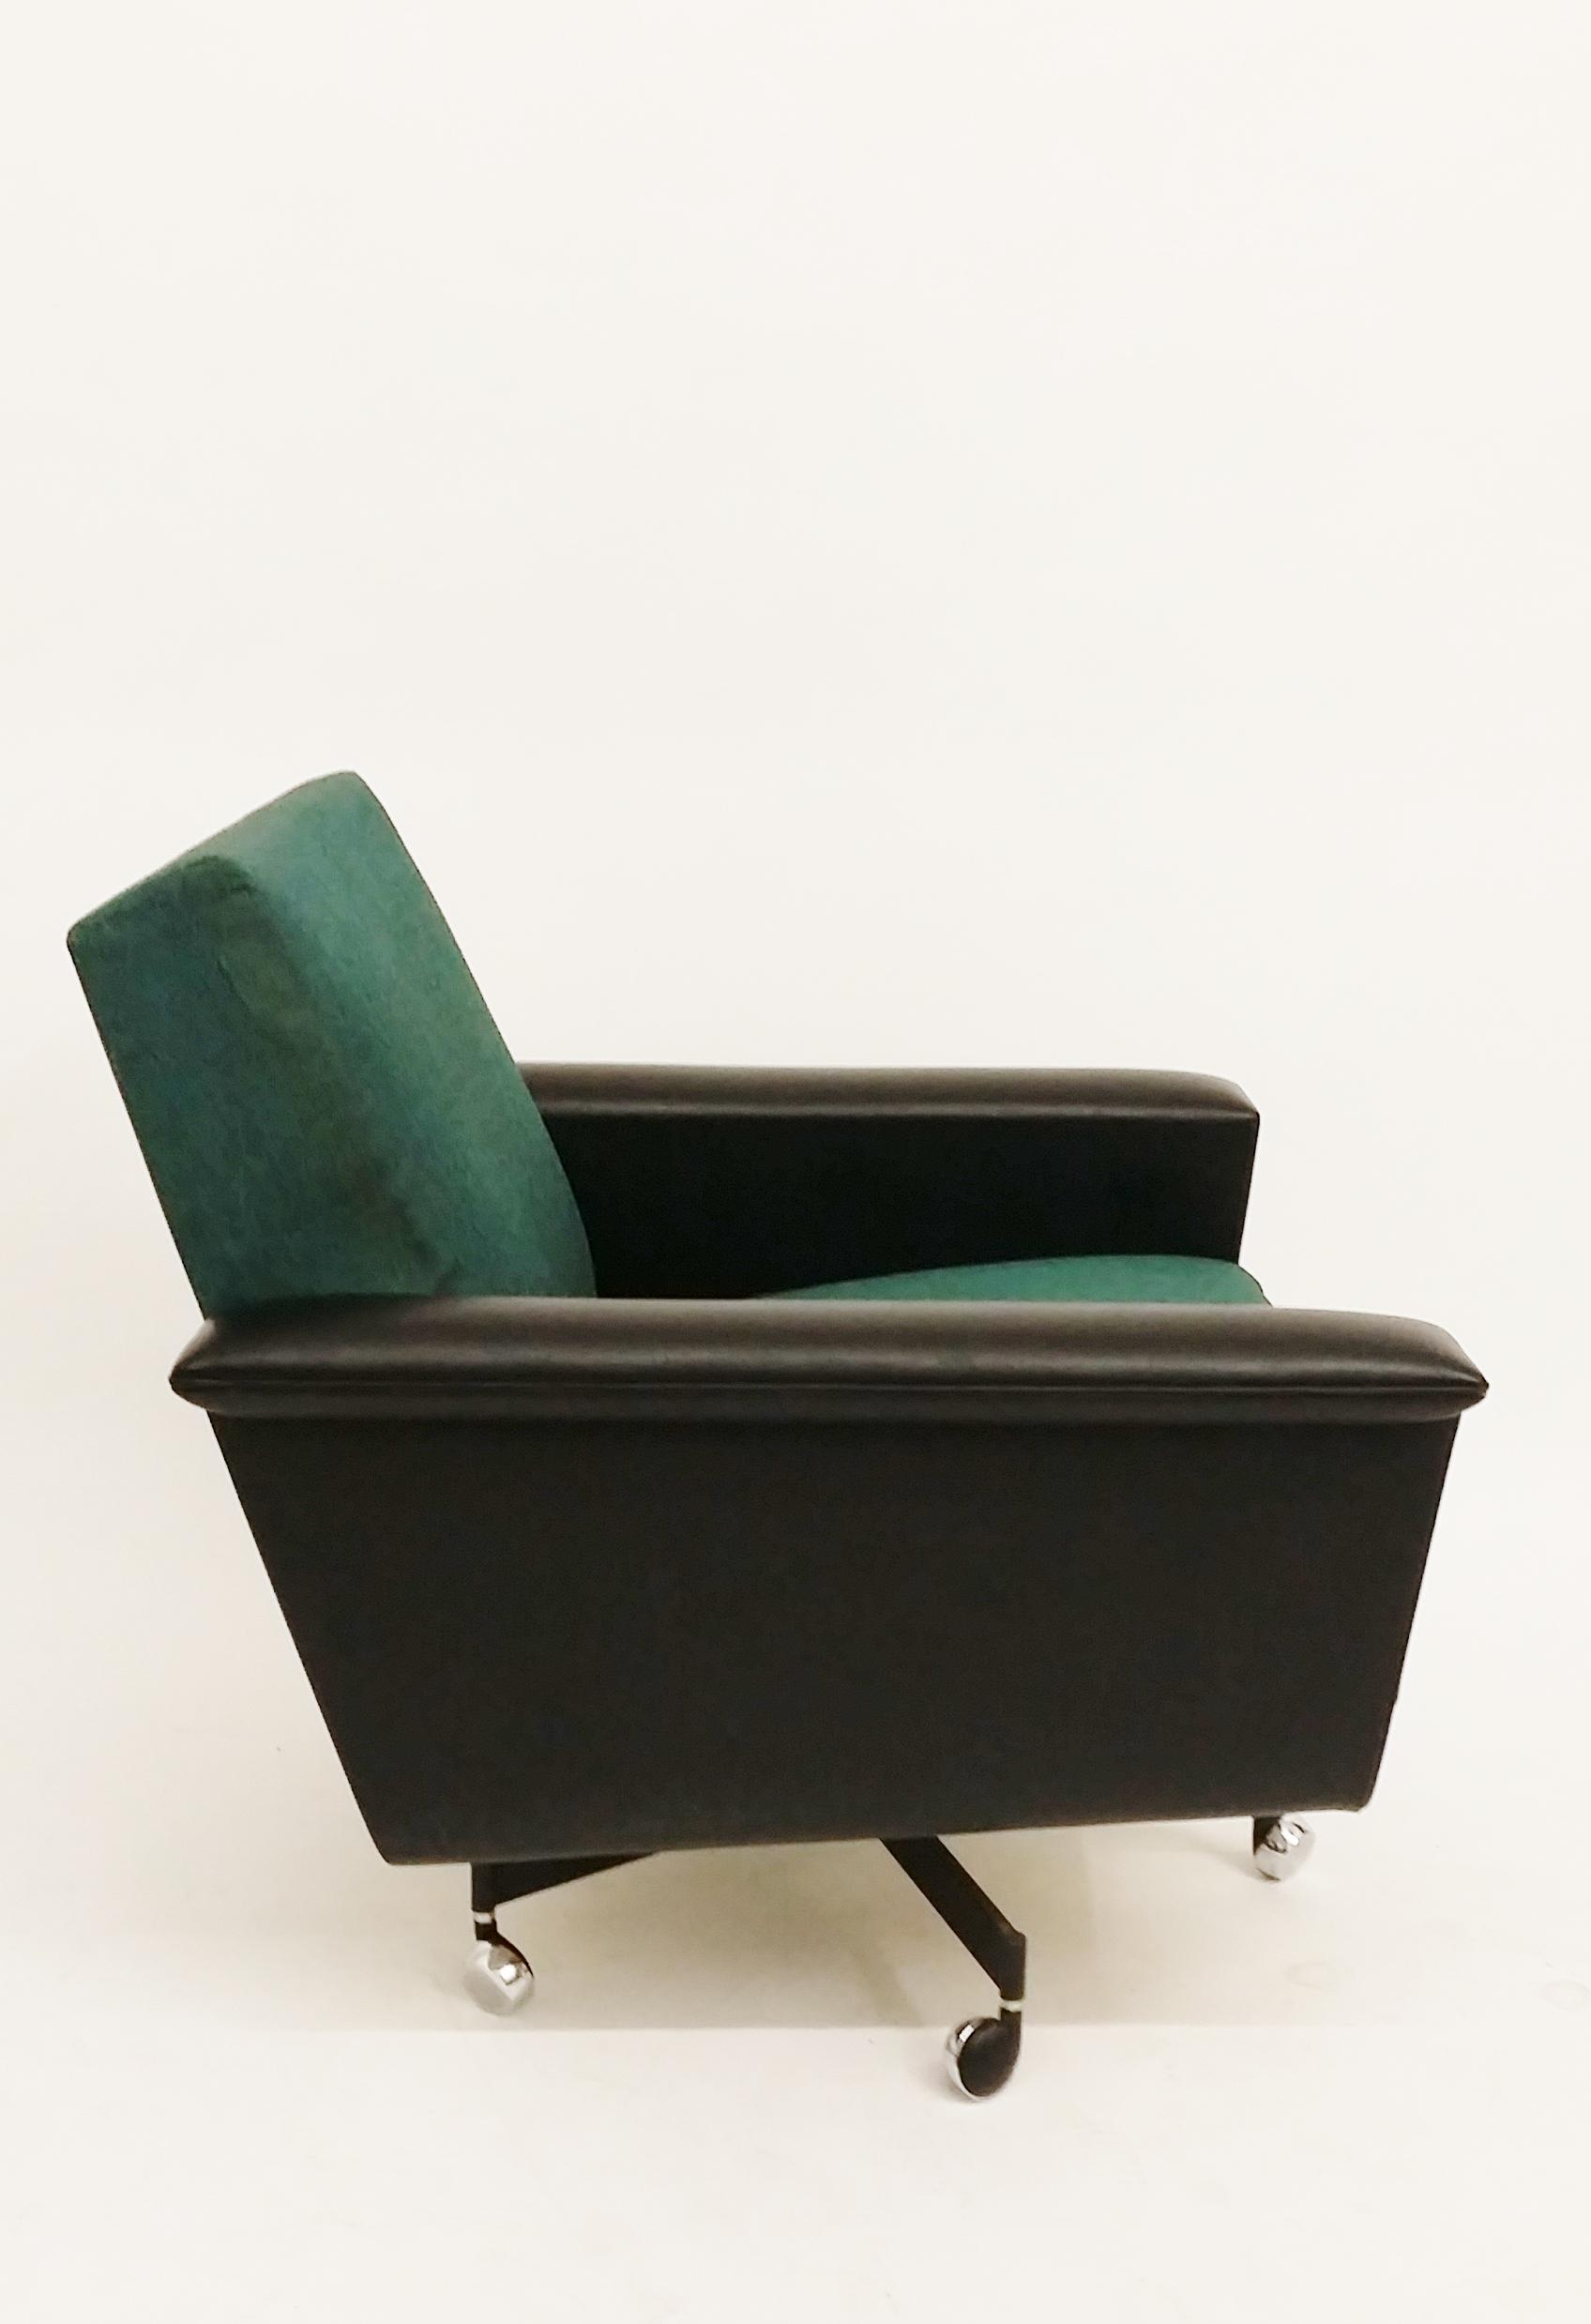 Sixties Swivel Chairs